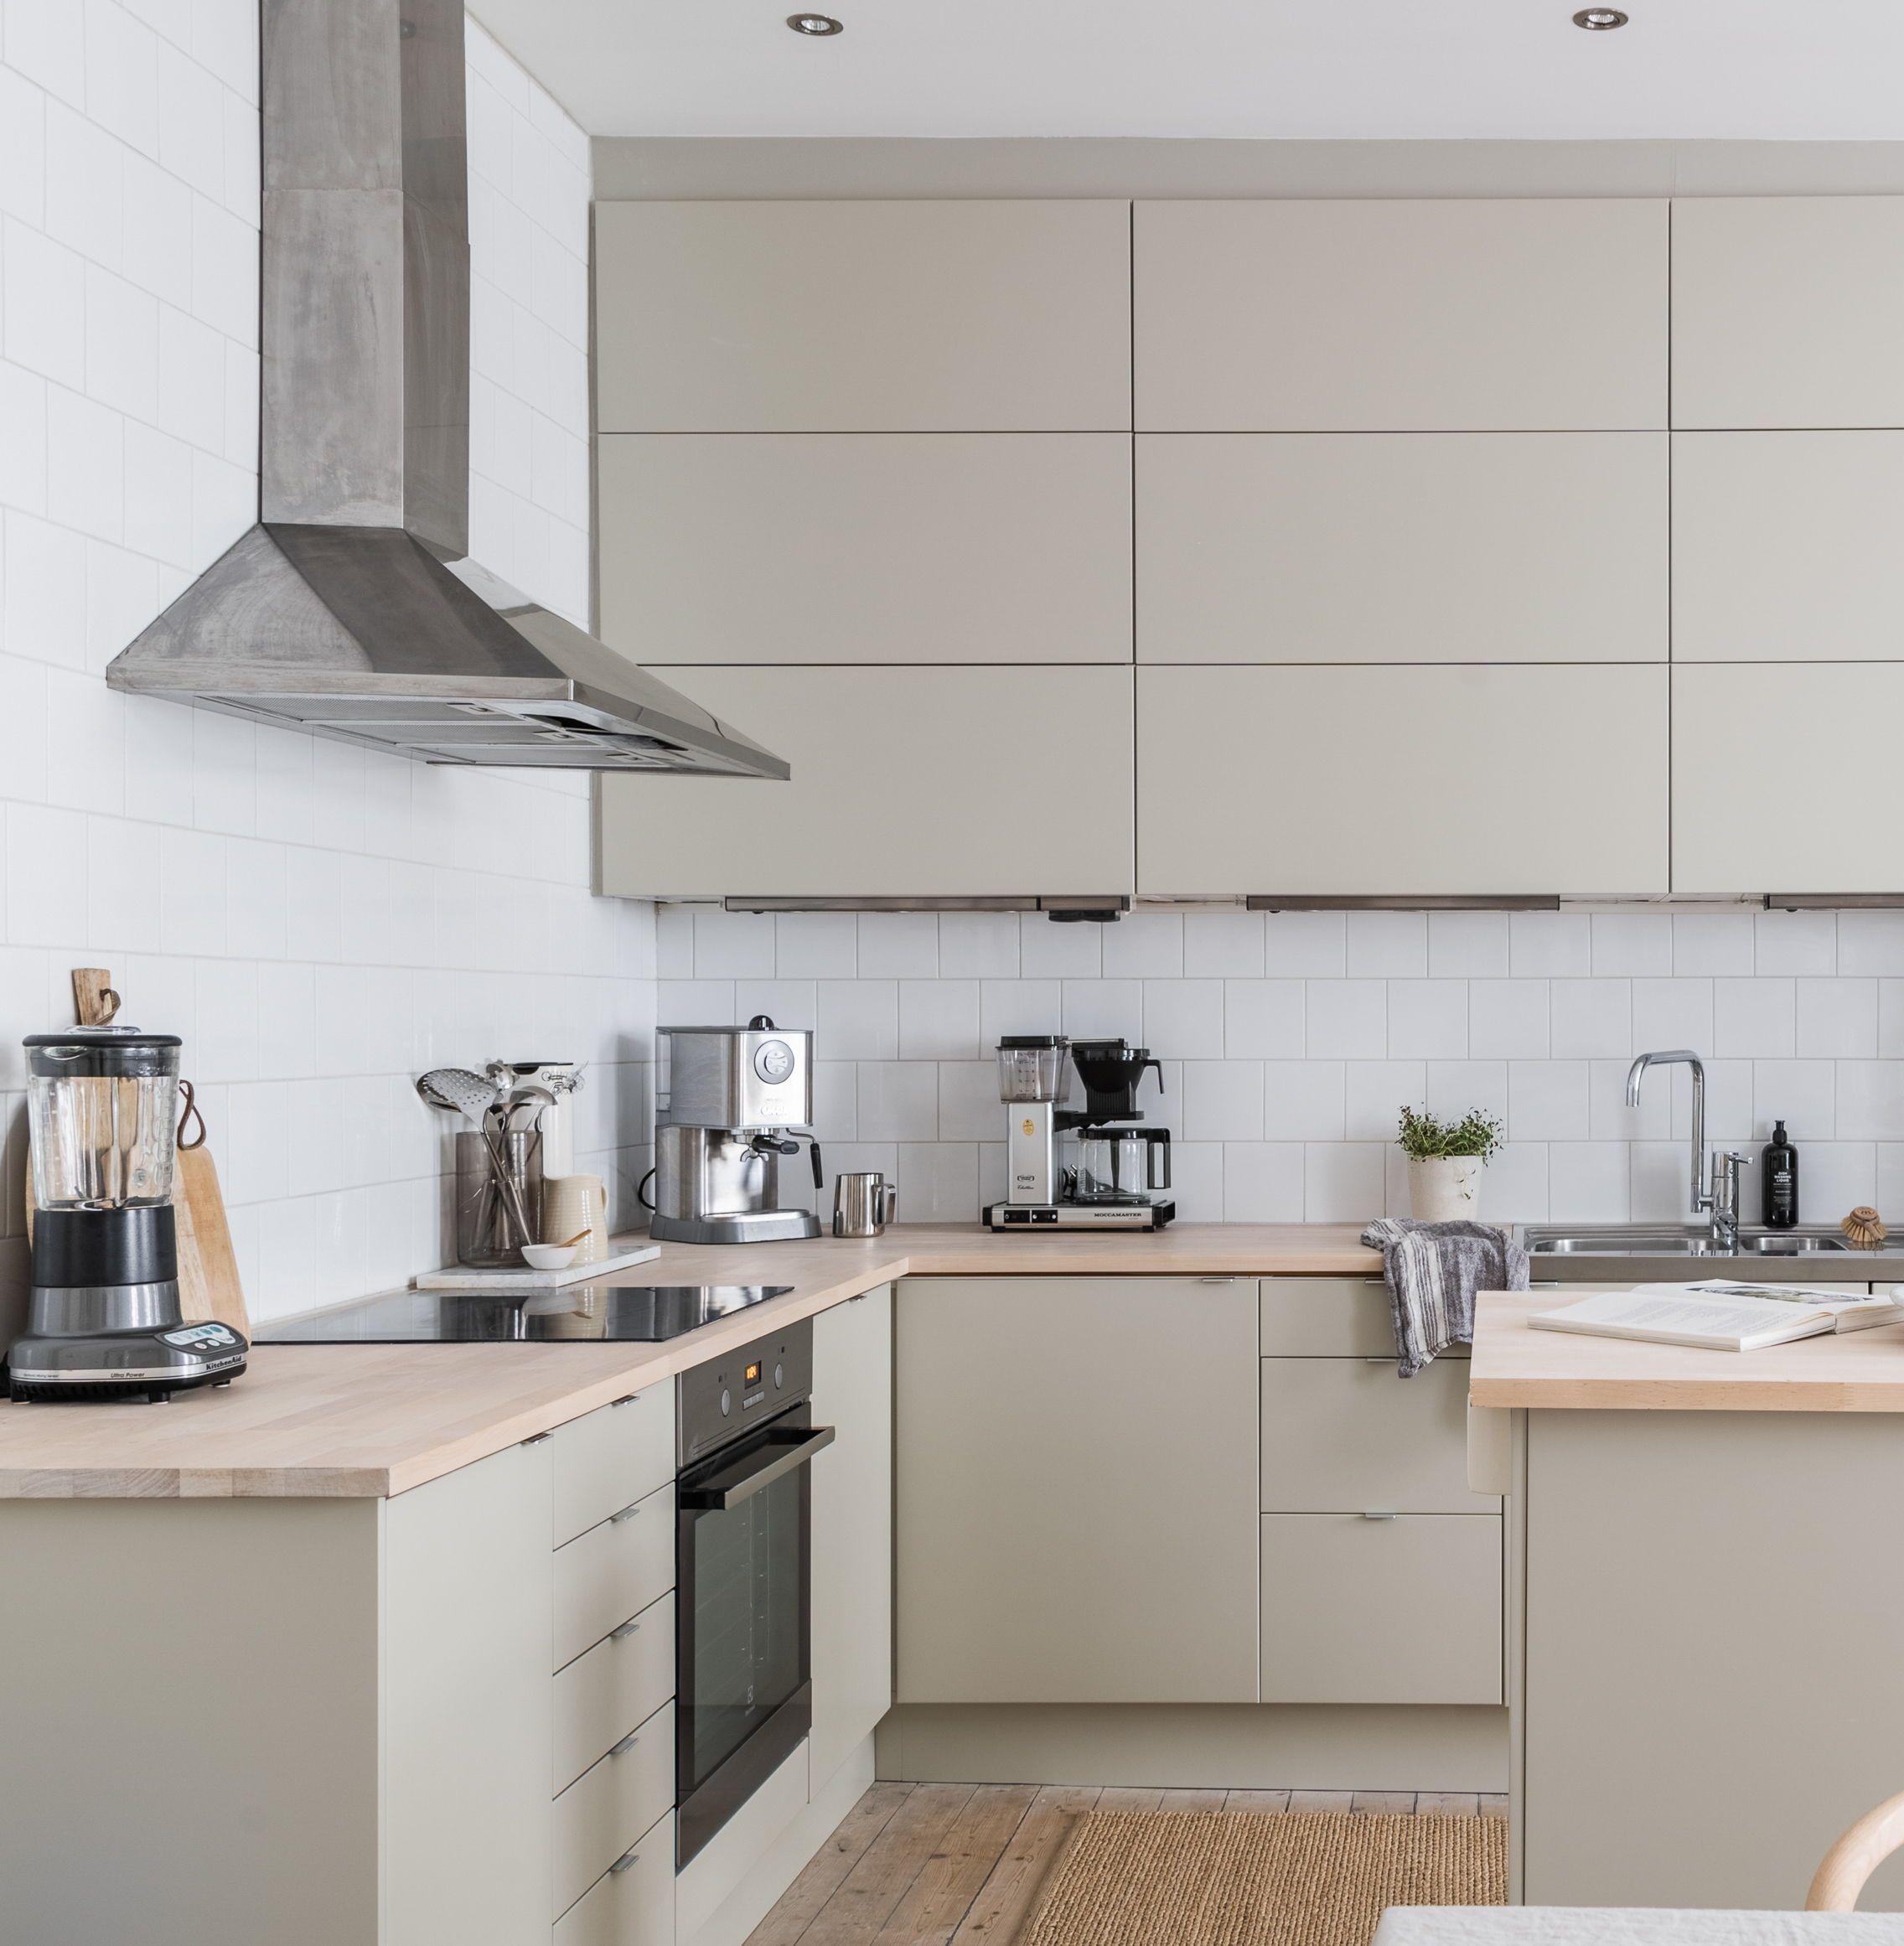 Beautiful beige kitchen - via Coco Lapine Design blog  Beige